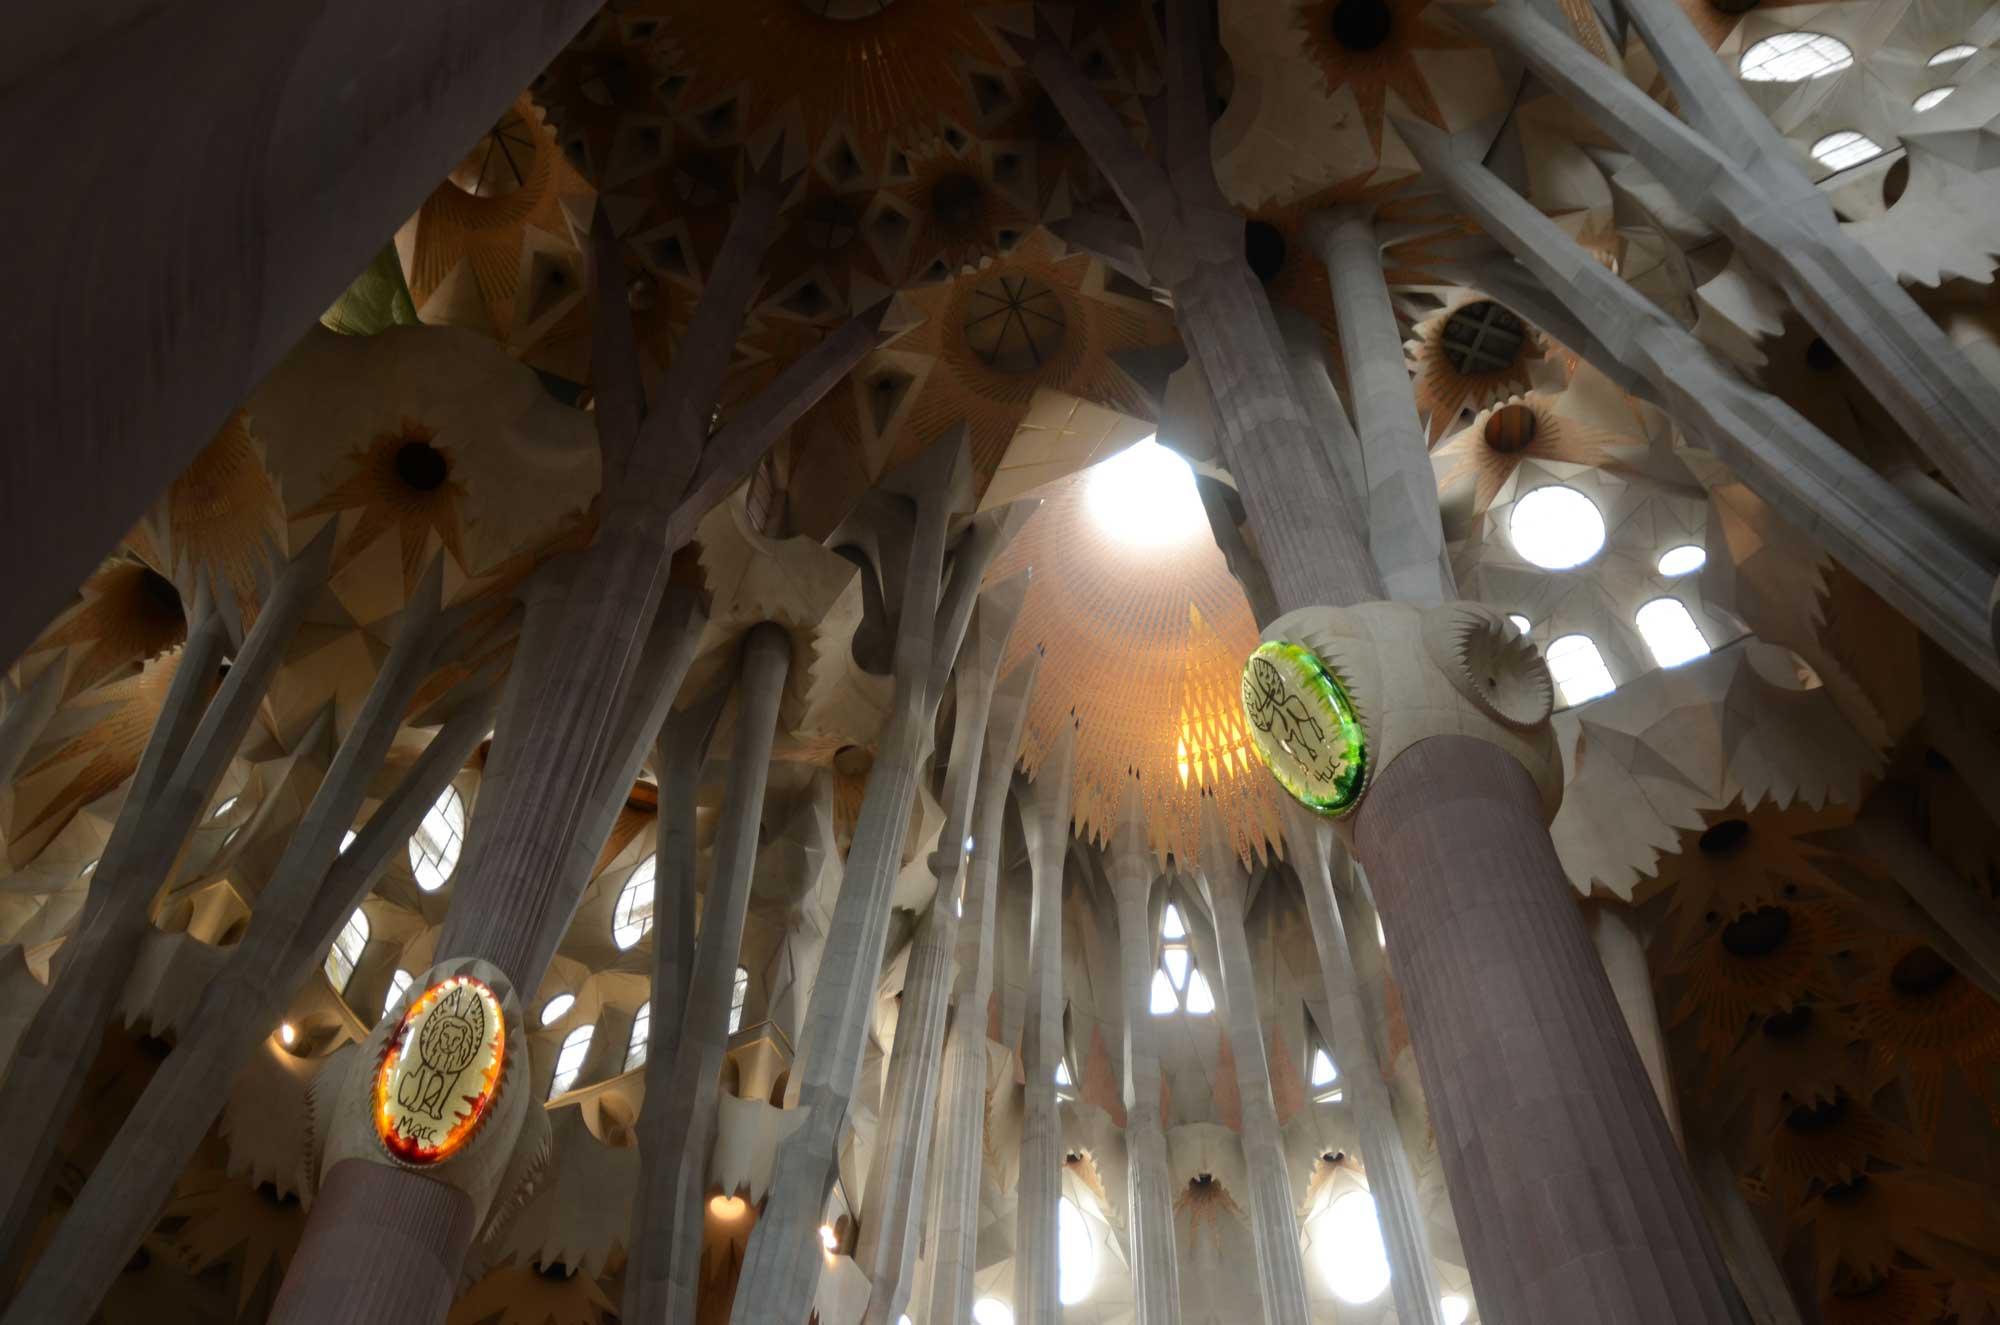 2012 — Inside the Sagrada Familia